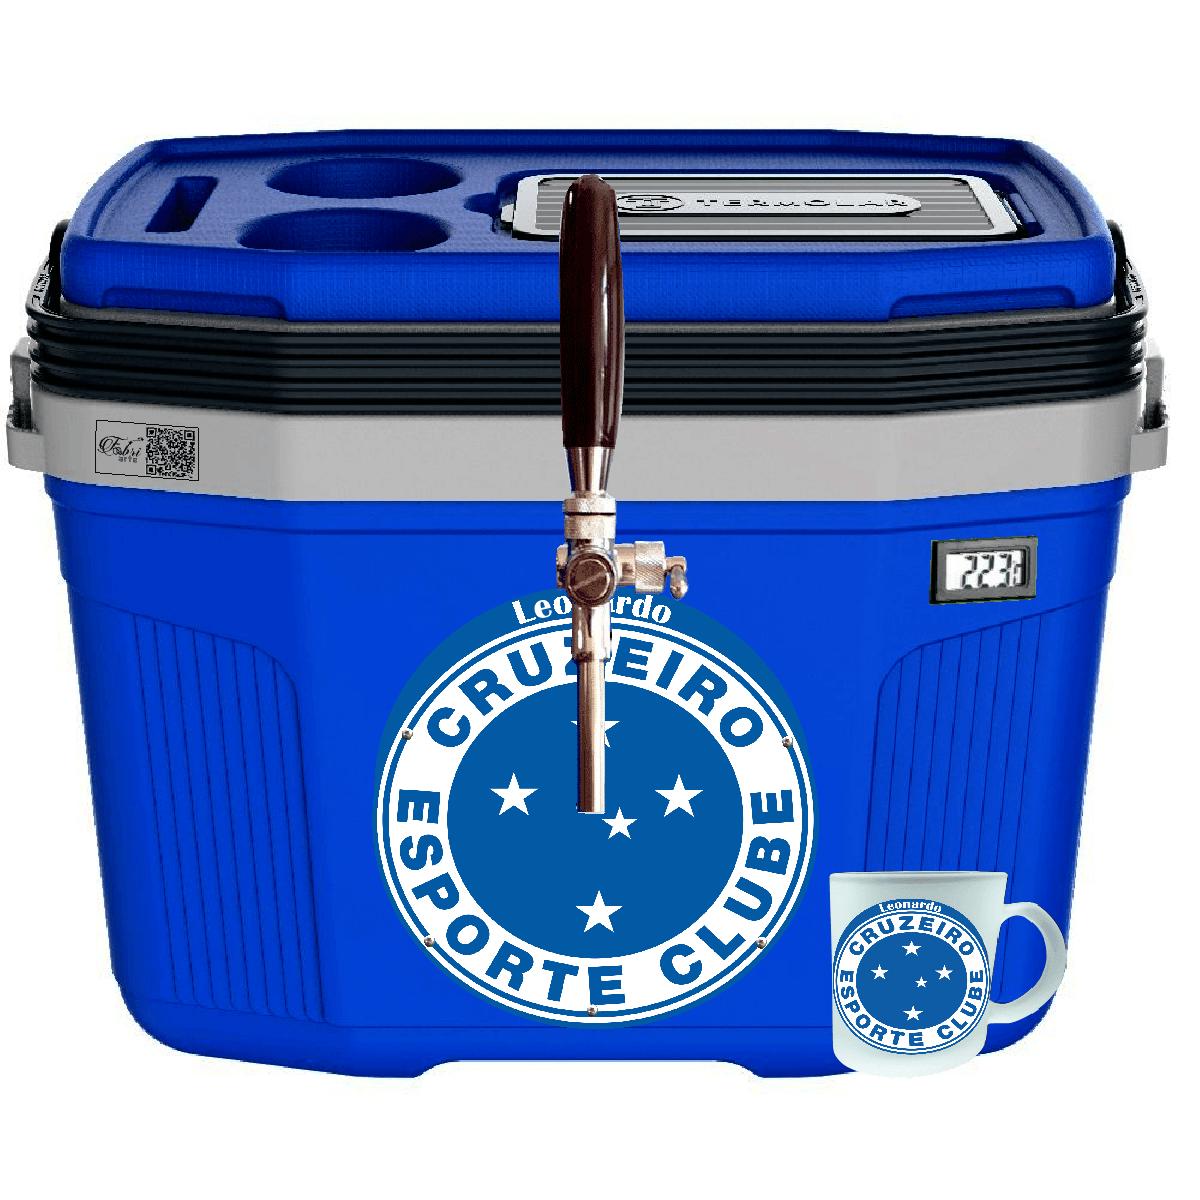 Chopeira Portátil a Gelo GH2-32L Azul Personalizada Times Futebol + Caneca Personalizada